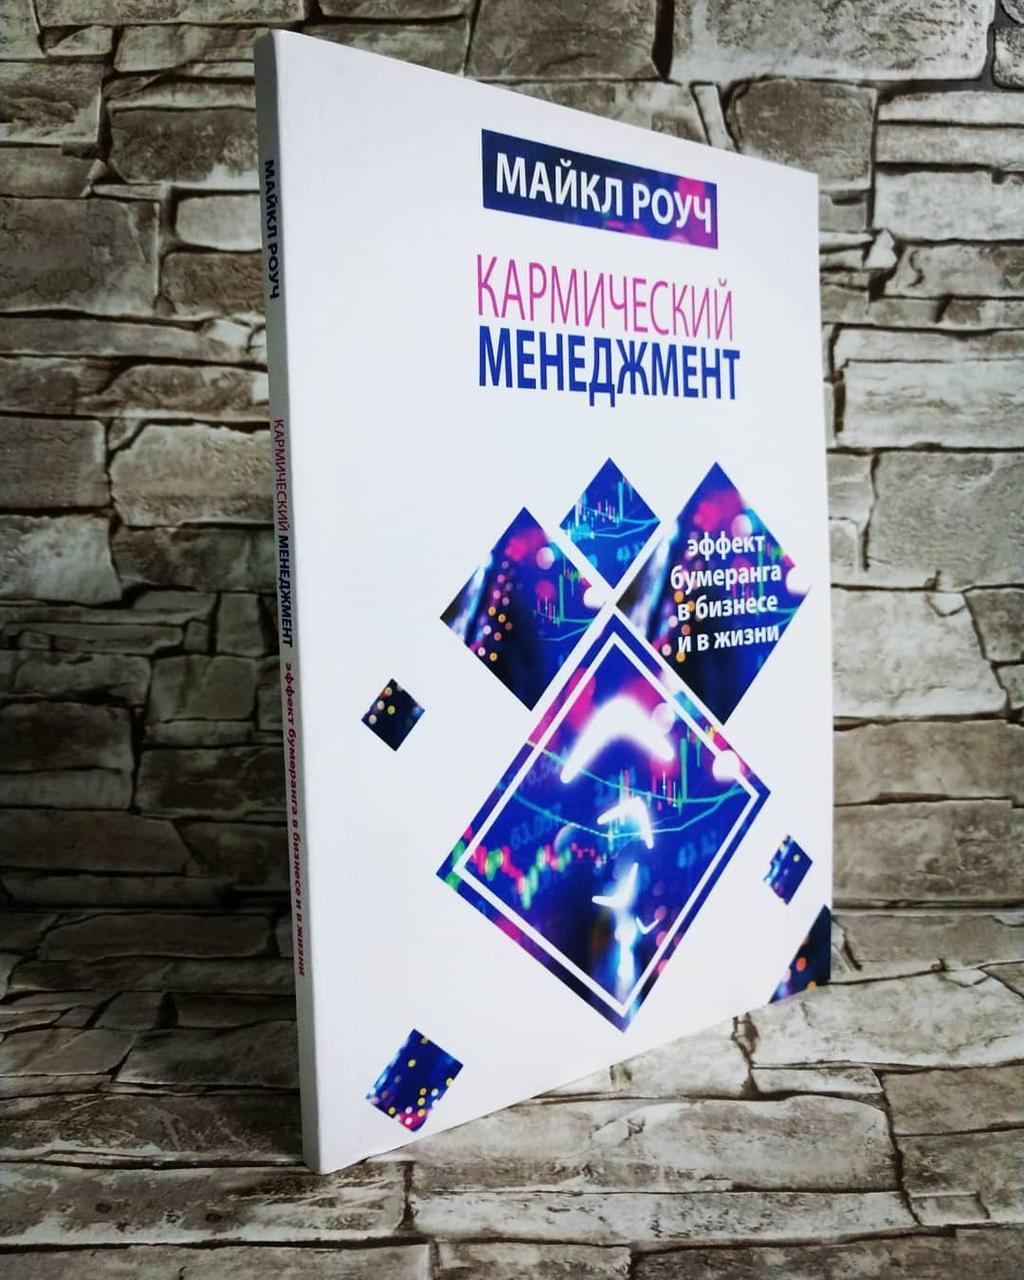 """Книга  """"Кармический менеджмент. Эффект бумеранга в бизнесе и в жизни"""" Майкл Роуч"""